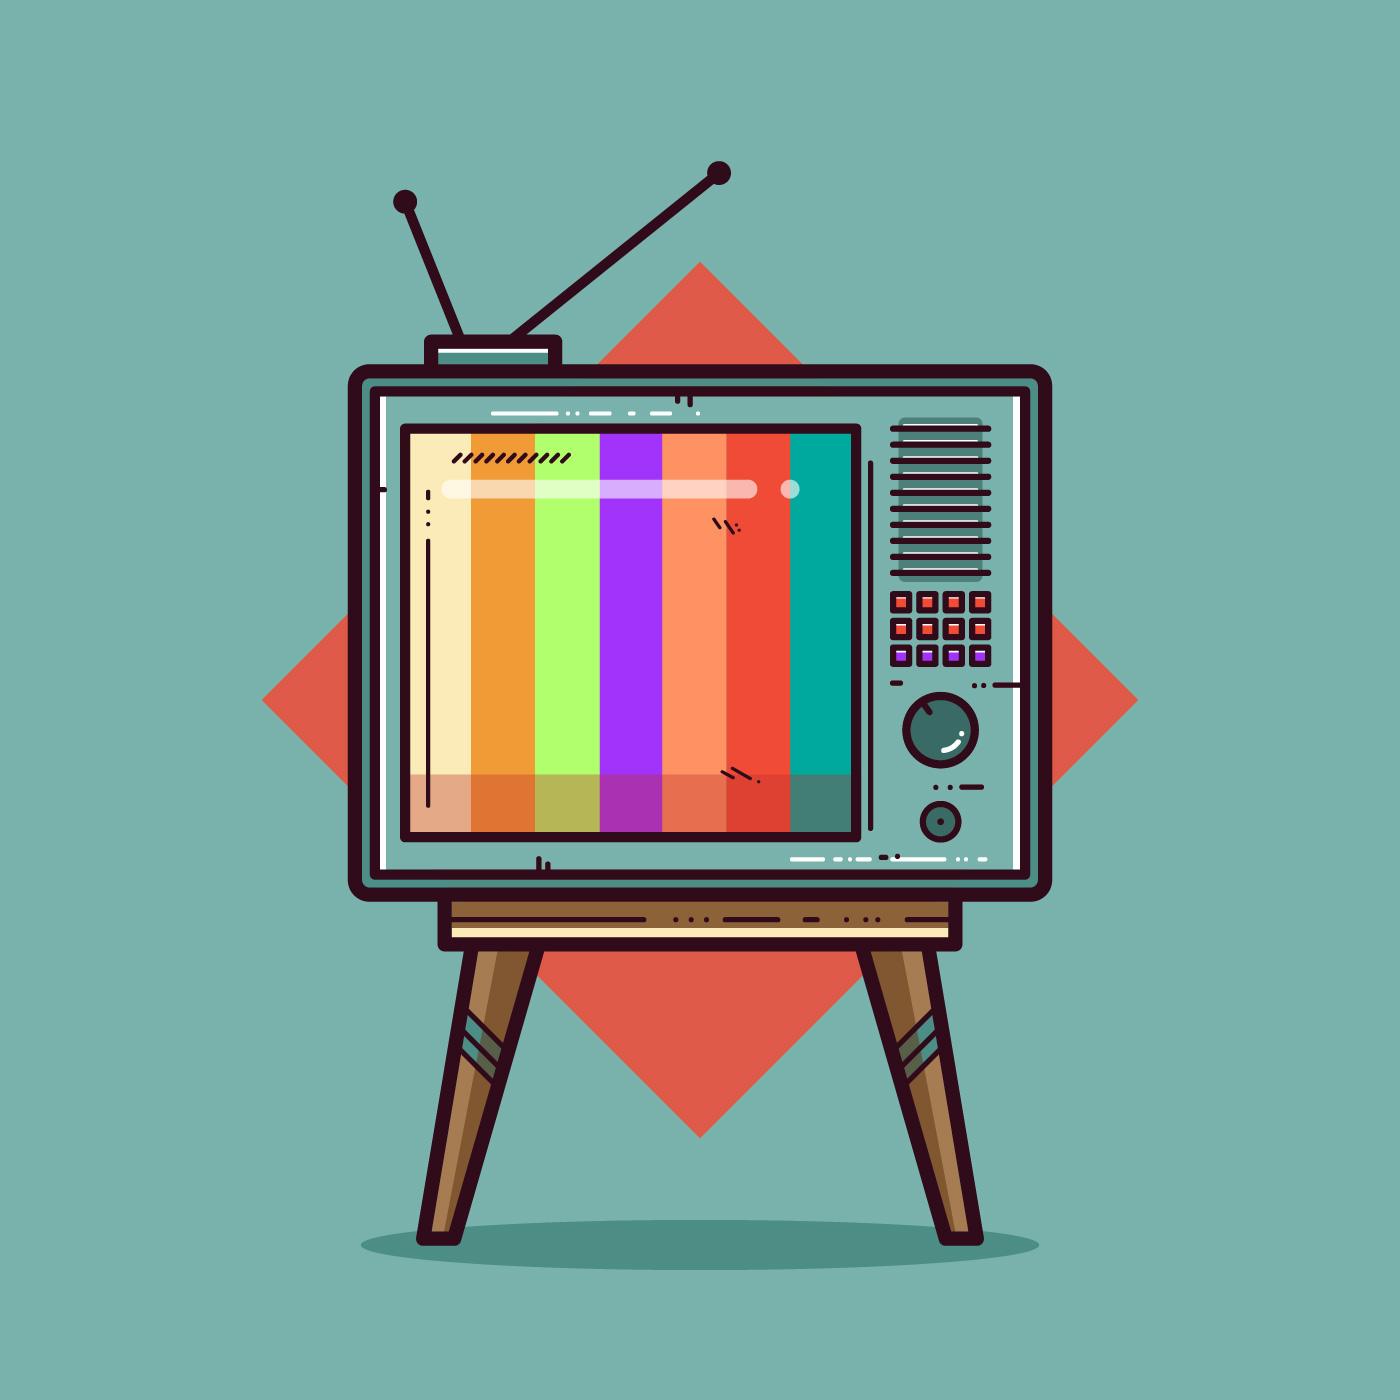 Retro Television Set Vector